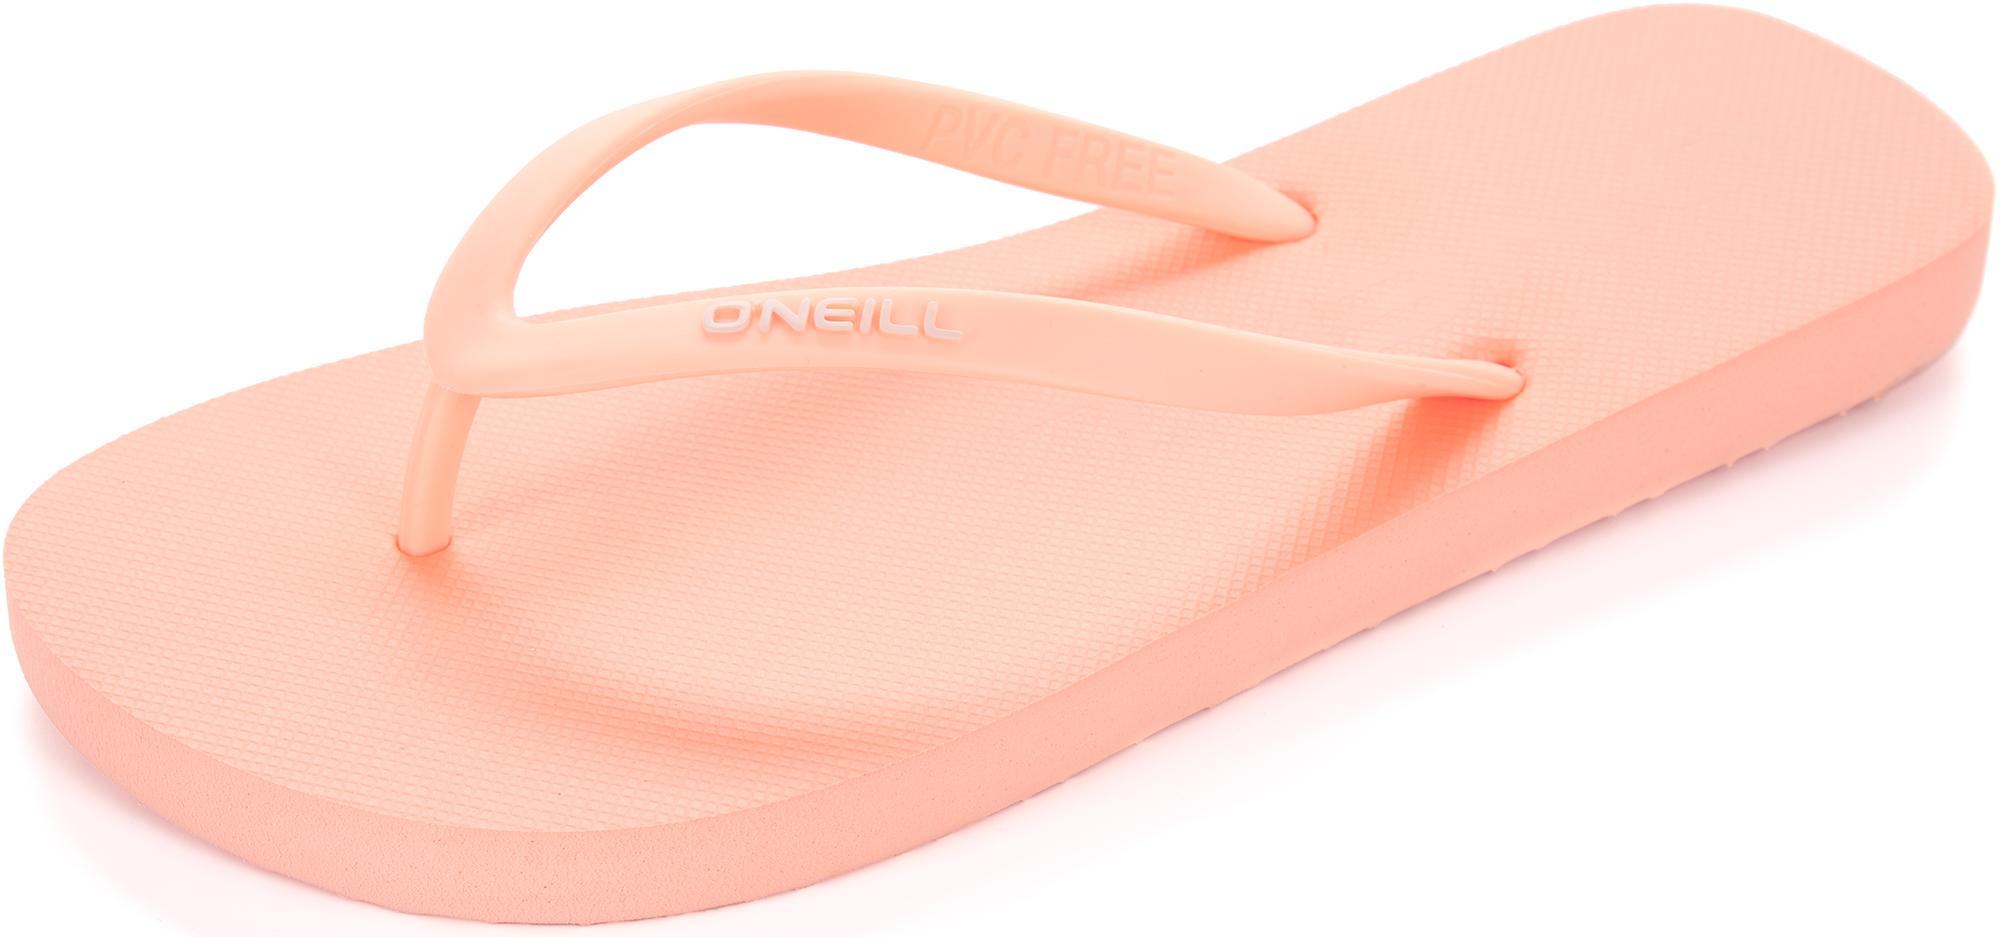 ONeill Шлепанцы для девочек FG, размер 36